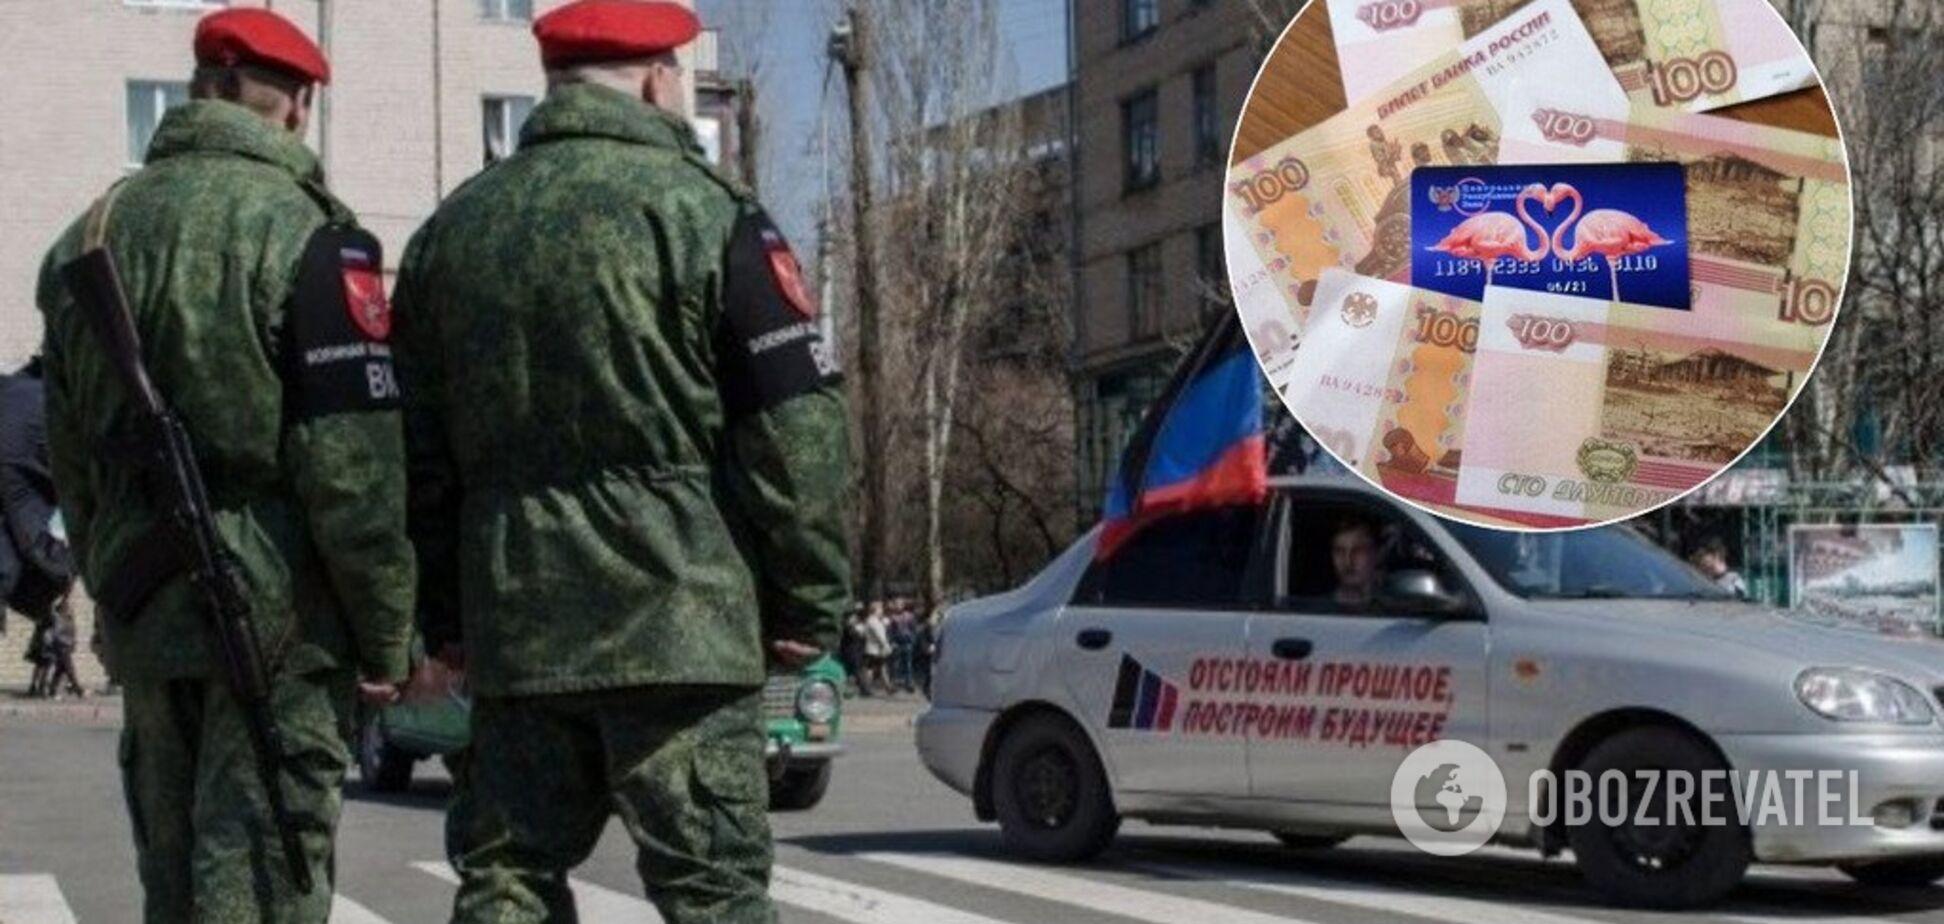 Собирают 'помощь': в 'ЛДНР' боевики взялись кошмарить бизнесменов